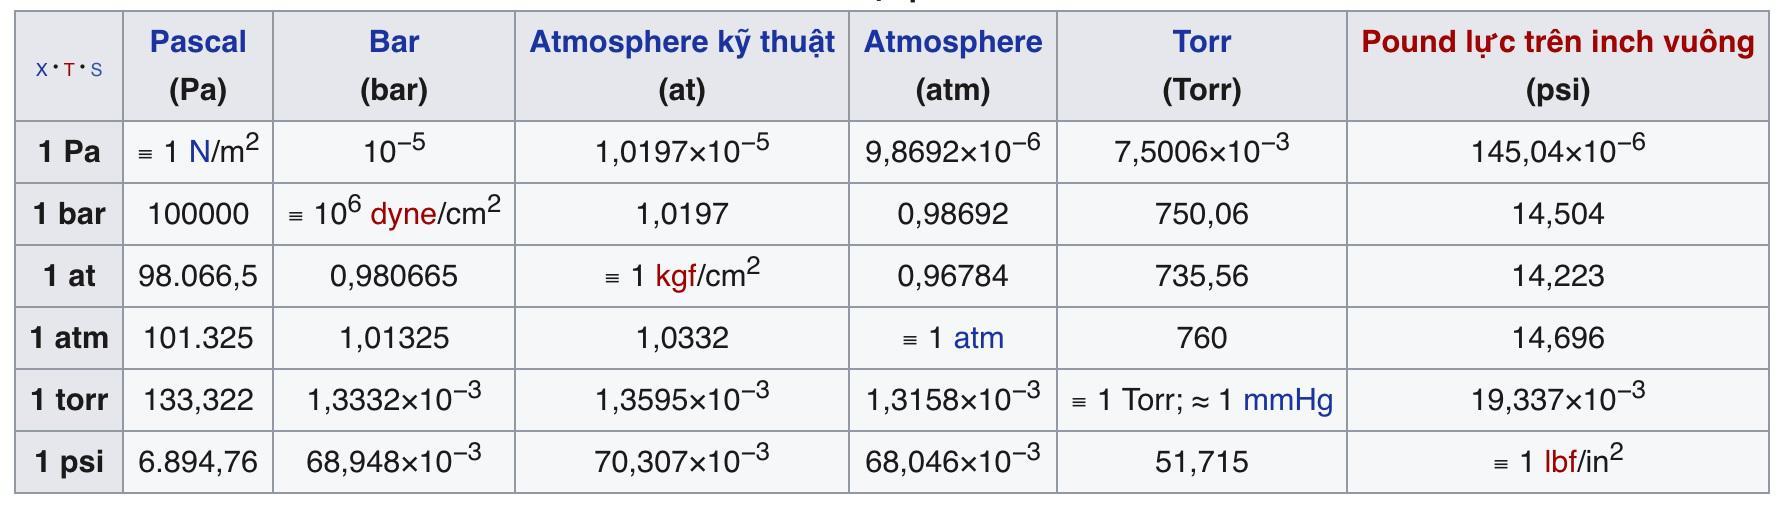 Các đơn vị áp suất phổ biến : Bar - psi - Kpa - Mpa - Atm - kg/cm2